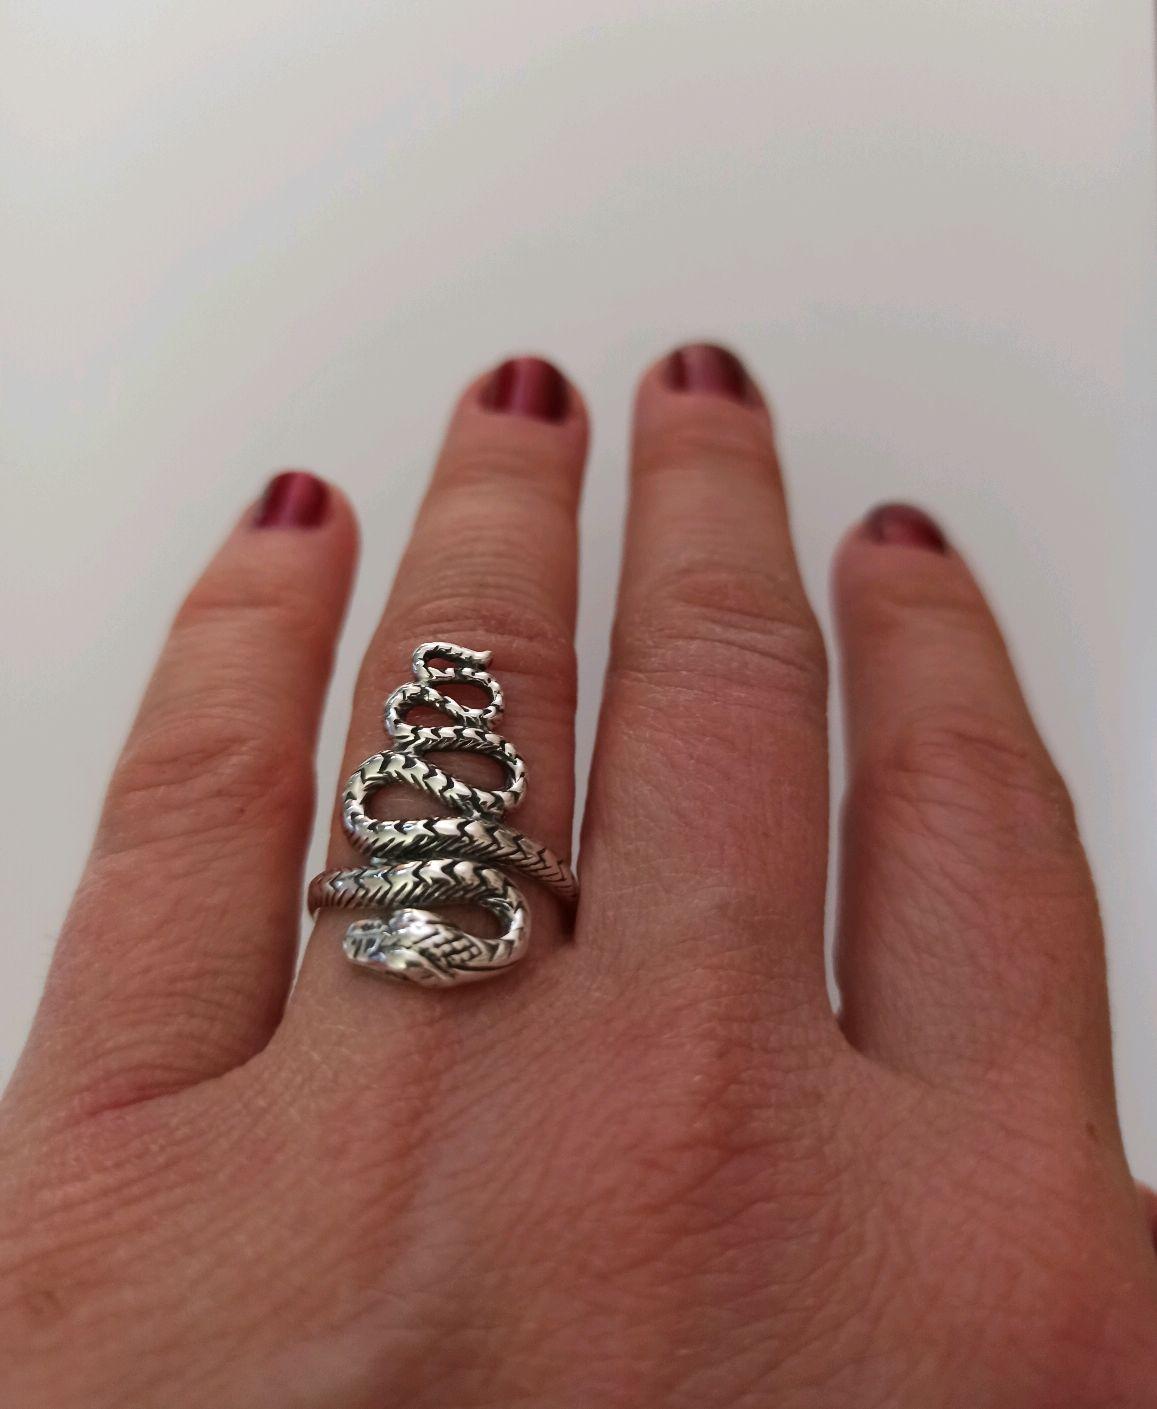 Кольцо Змея Серебро 925 проба, Кольца, Турин,  Фото №1